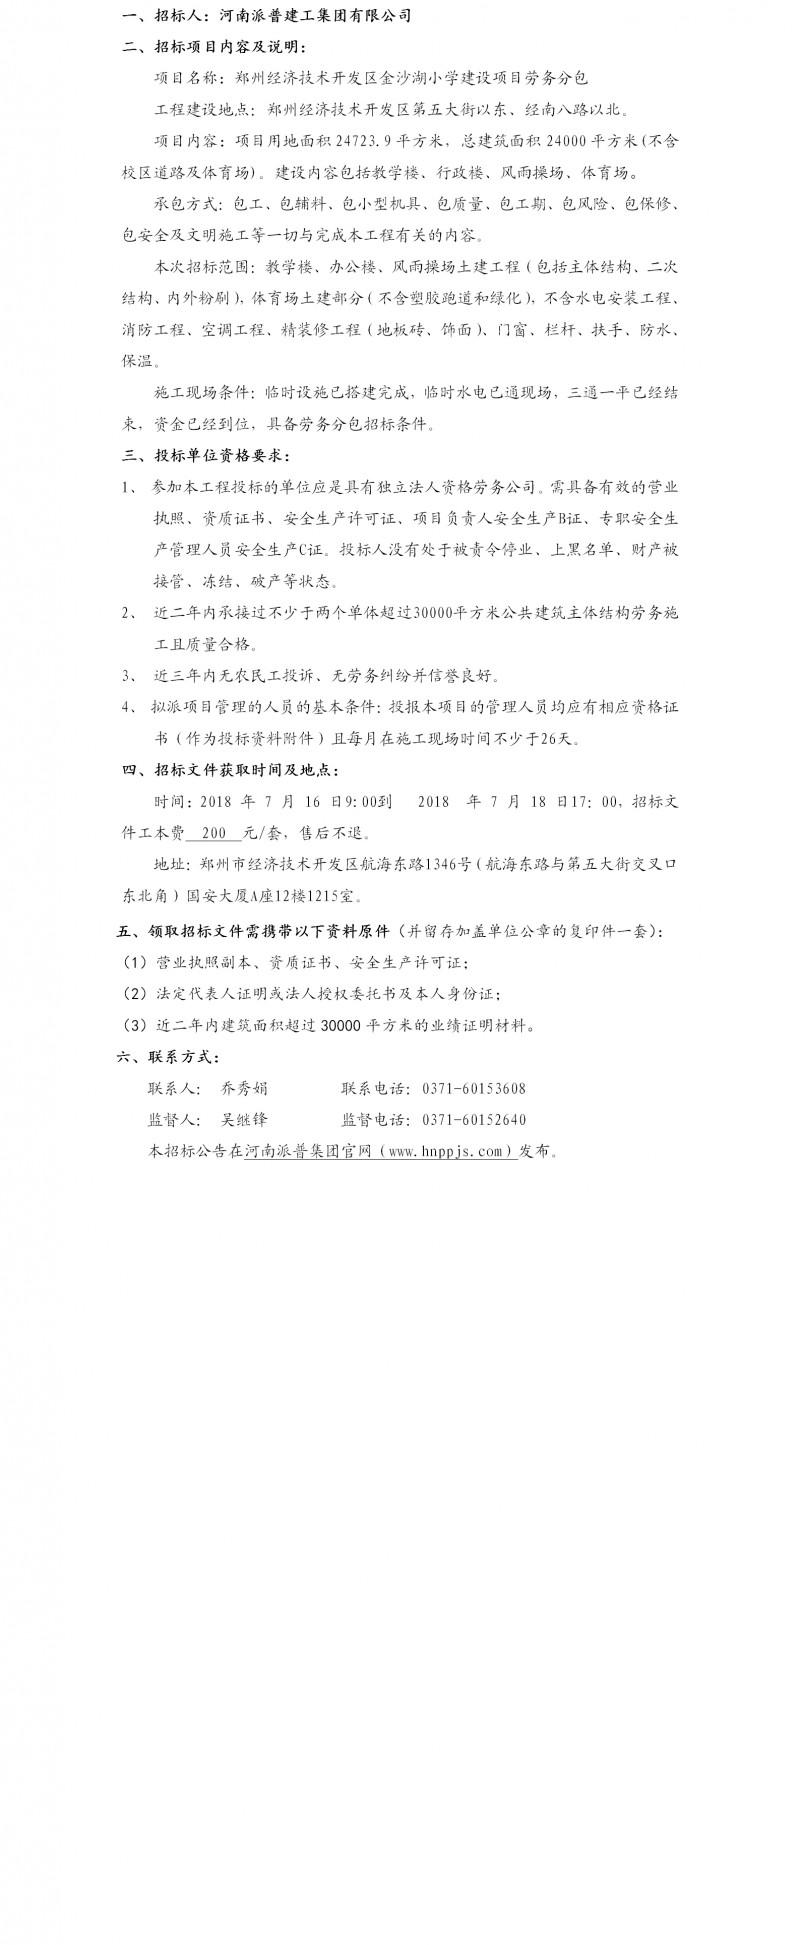 河南派普建工集团有限公司招标公告(1).jpg